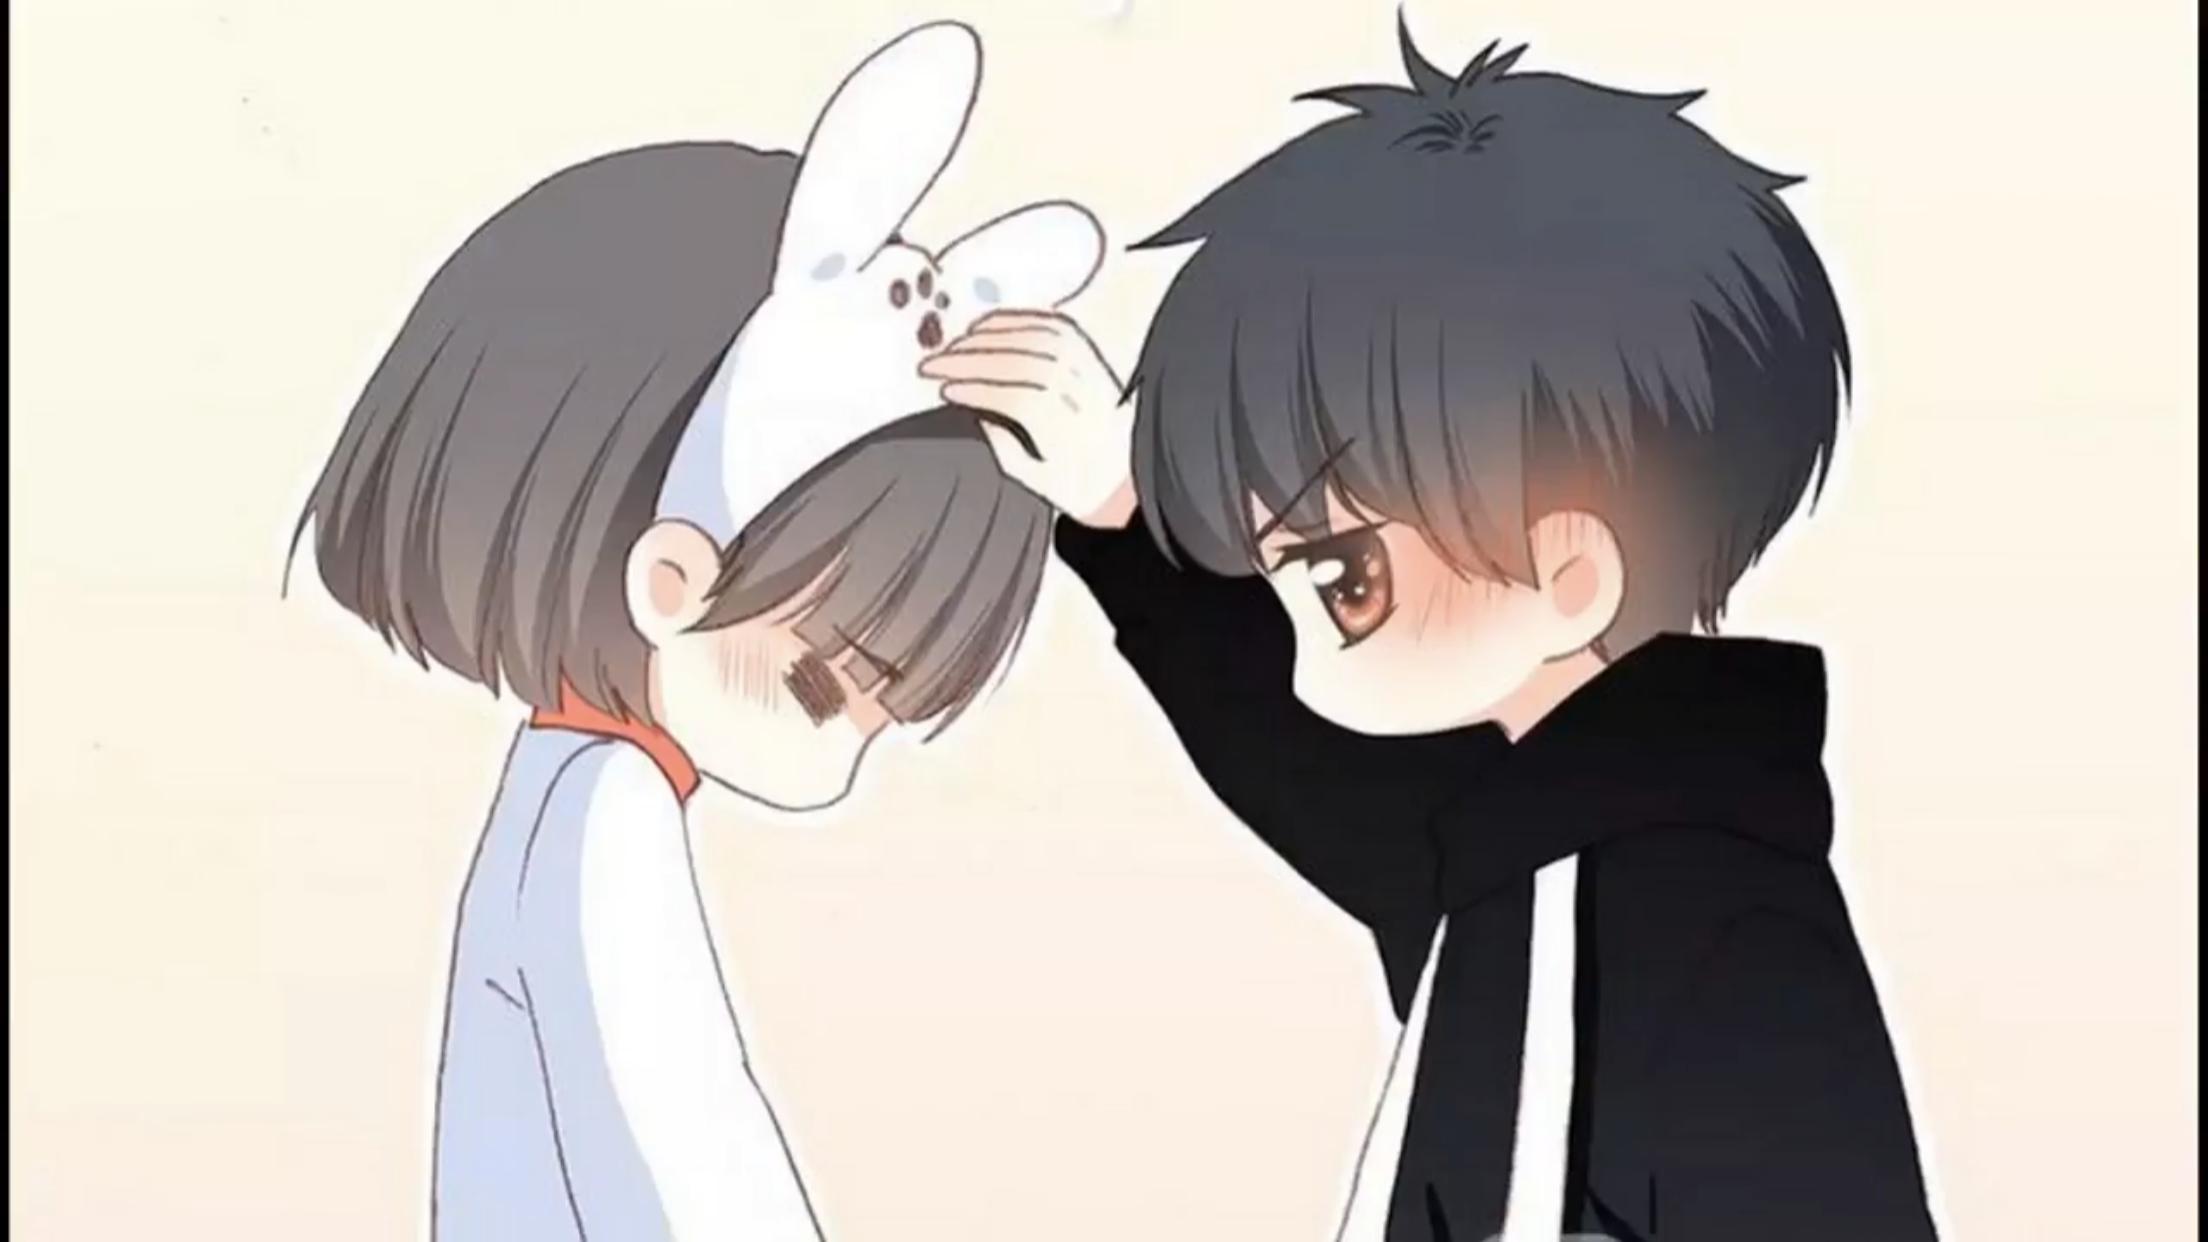 Pin oleh Animemangaluver di Love Never Fails Manga